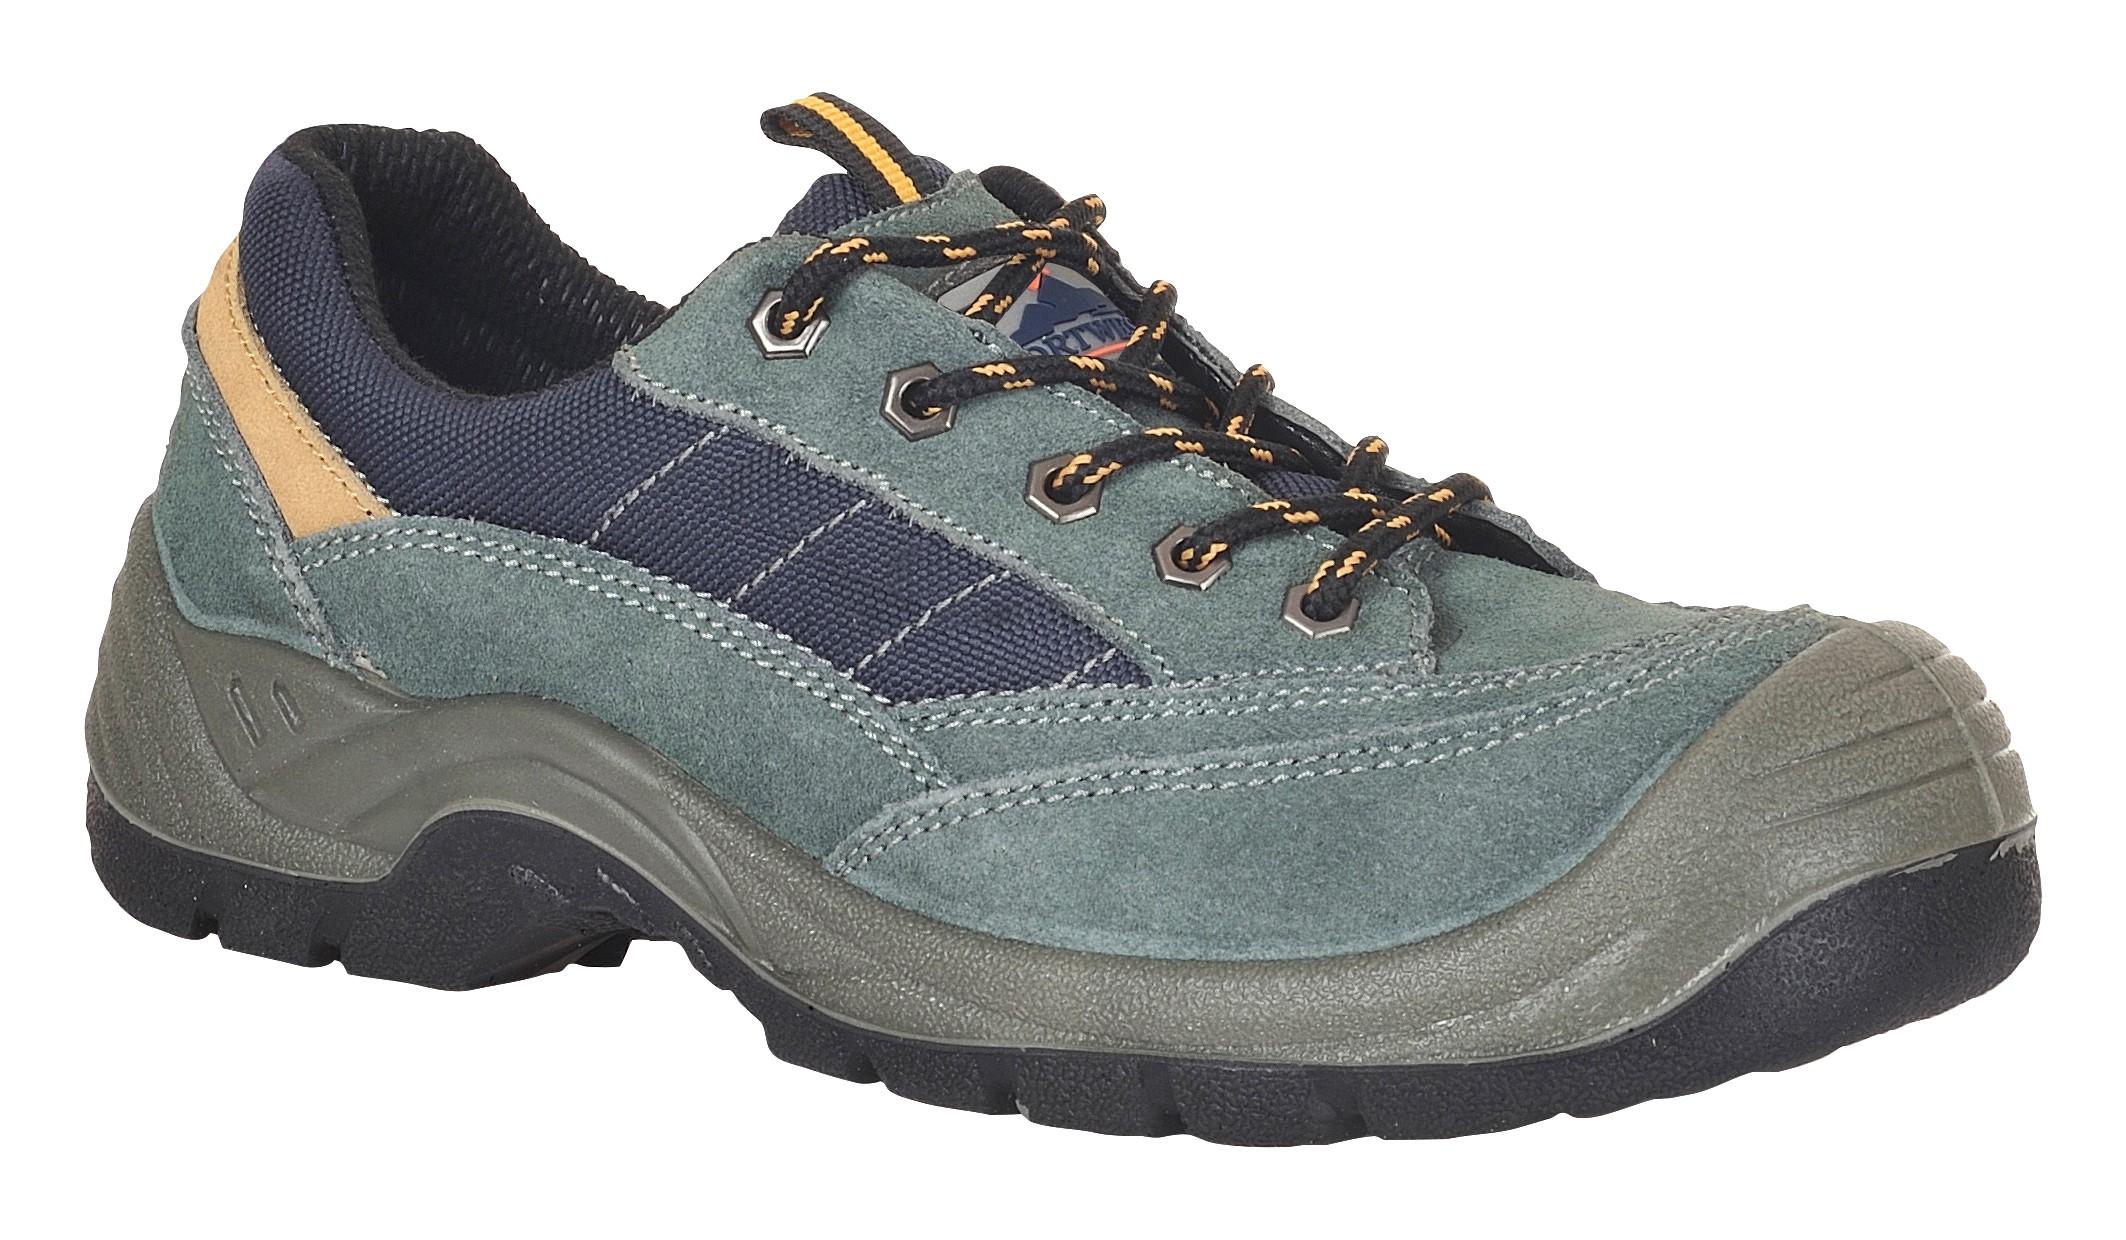 Steelite FW60 Hiker Chaussures de s/écurit/é avec Embout de Protection et Semelle intercalaire Mod/èle Montant